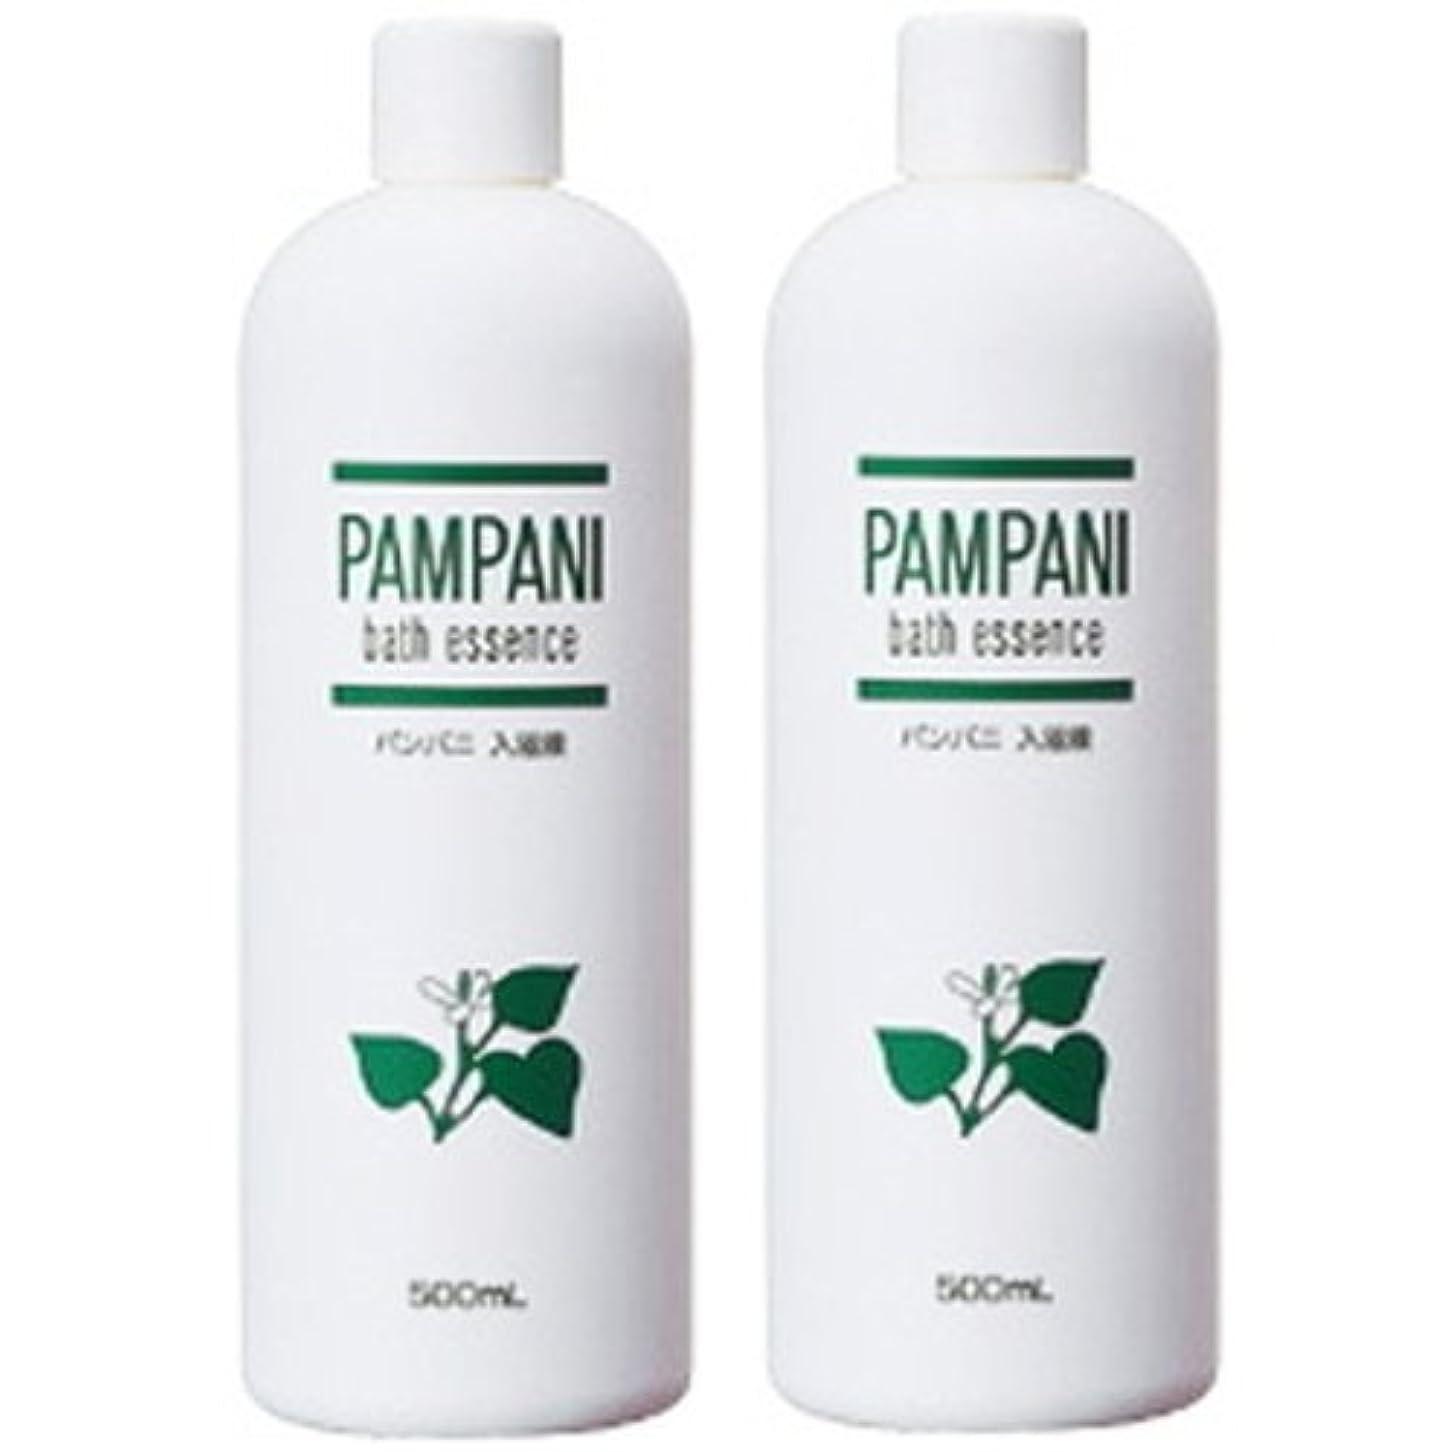 ドナウ川貝殻悲観主義者パンパニ(PAMPANI) 入浴液 (希釈タイプ) 500ml×2本組